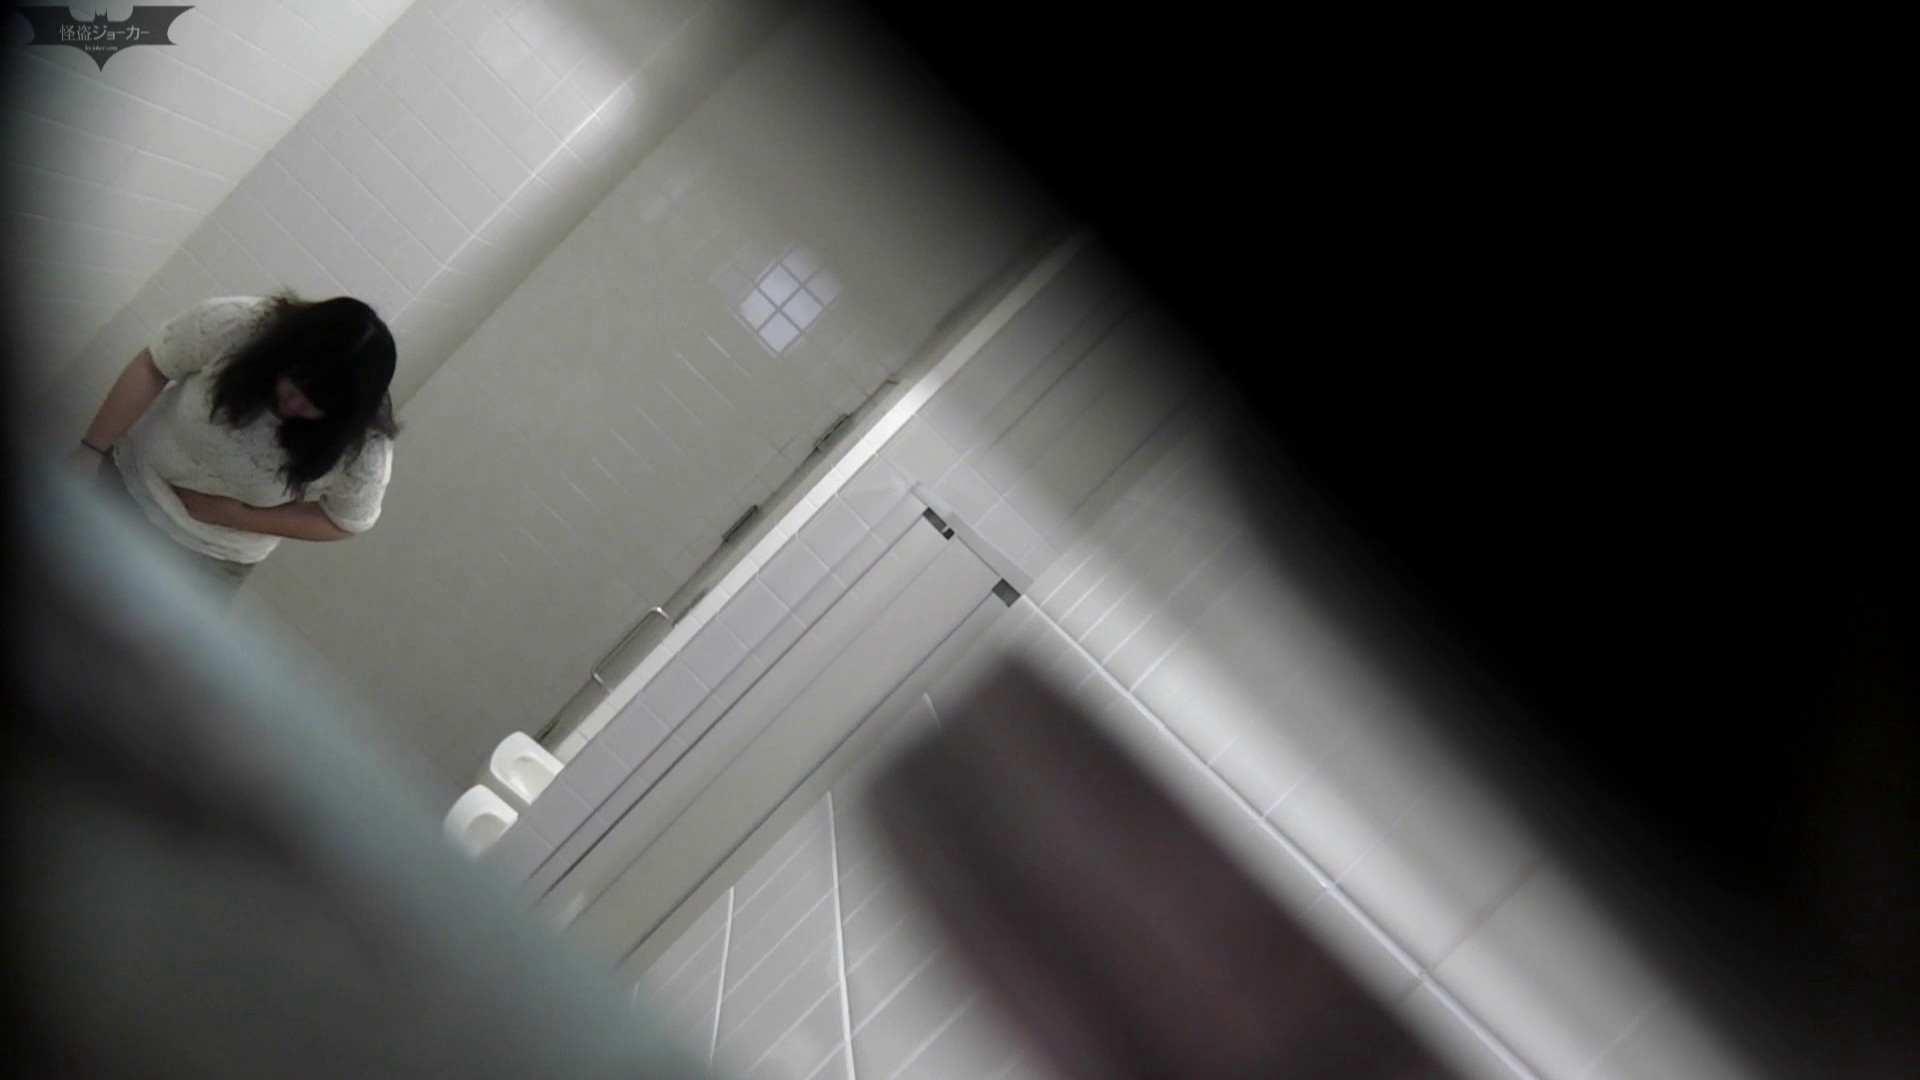 お銀 vol.68 無謀に通路に飛び出て一番明るいフロント撮り実現、見所満載 美人 アダルト動画キャプチャ 94連発 80